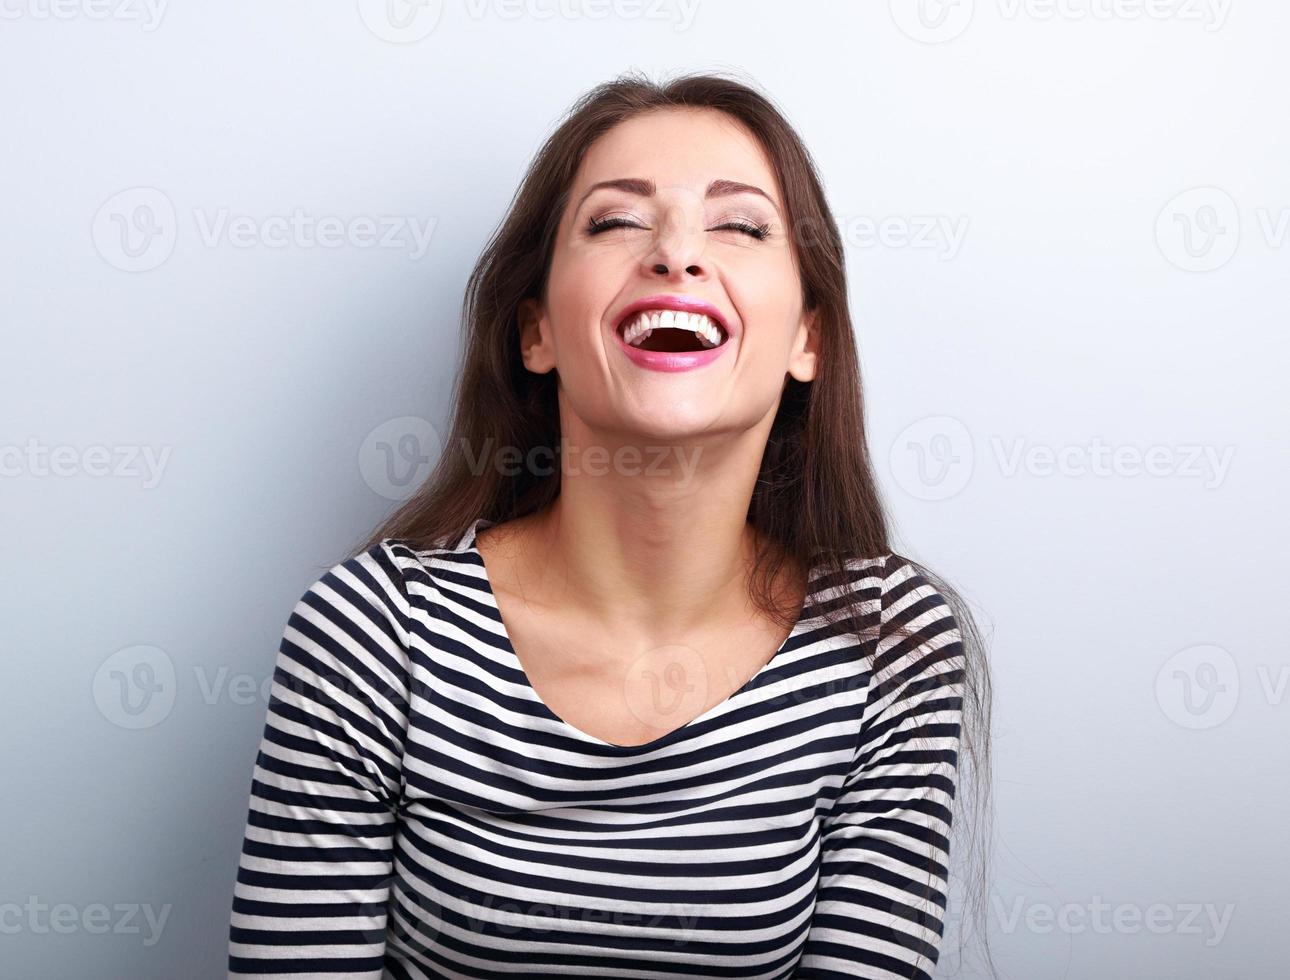 felice giovane donna casual ridere naturale con la bocca spalancata foto